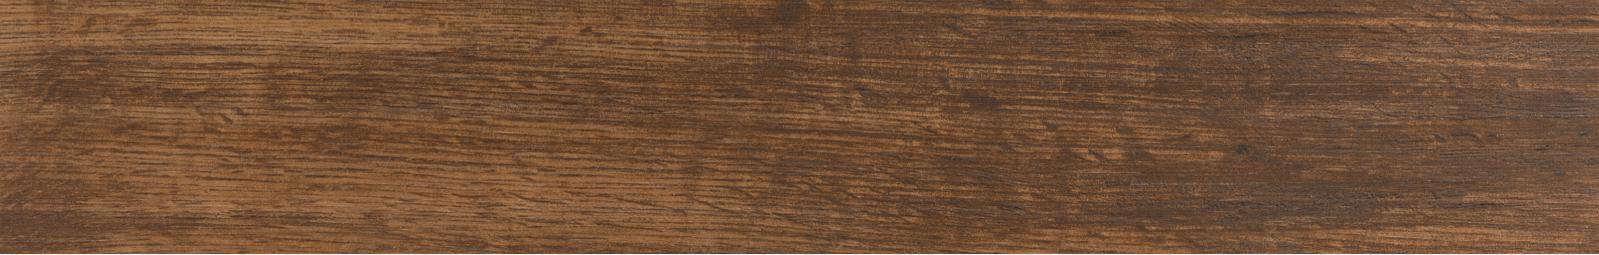 Напольная плитка Venis Hampton +14156 Brown 14,3х90 все цены